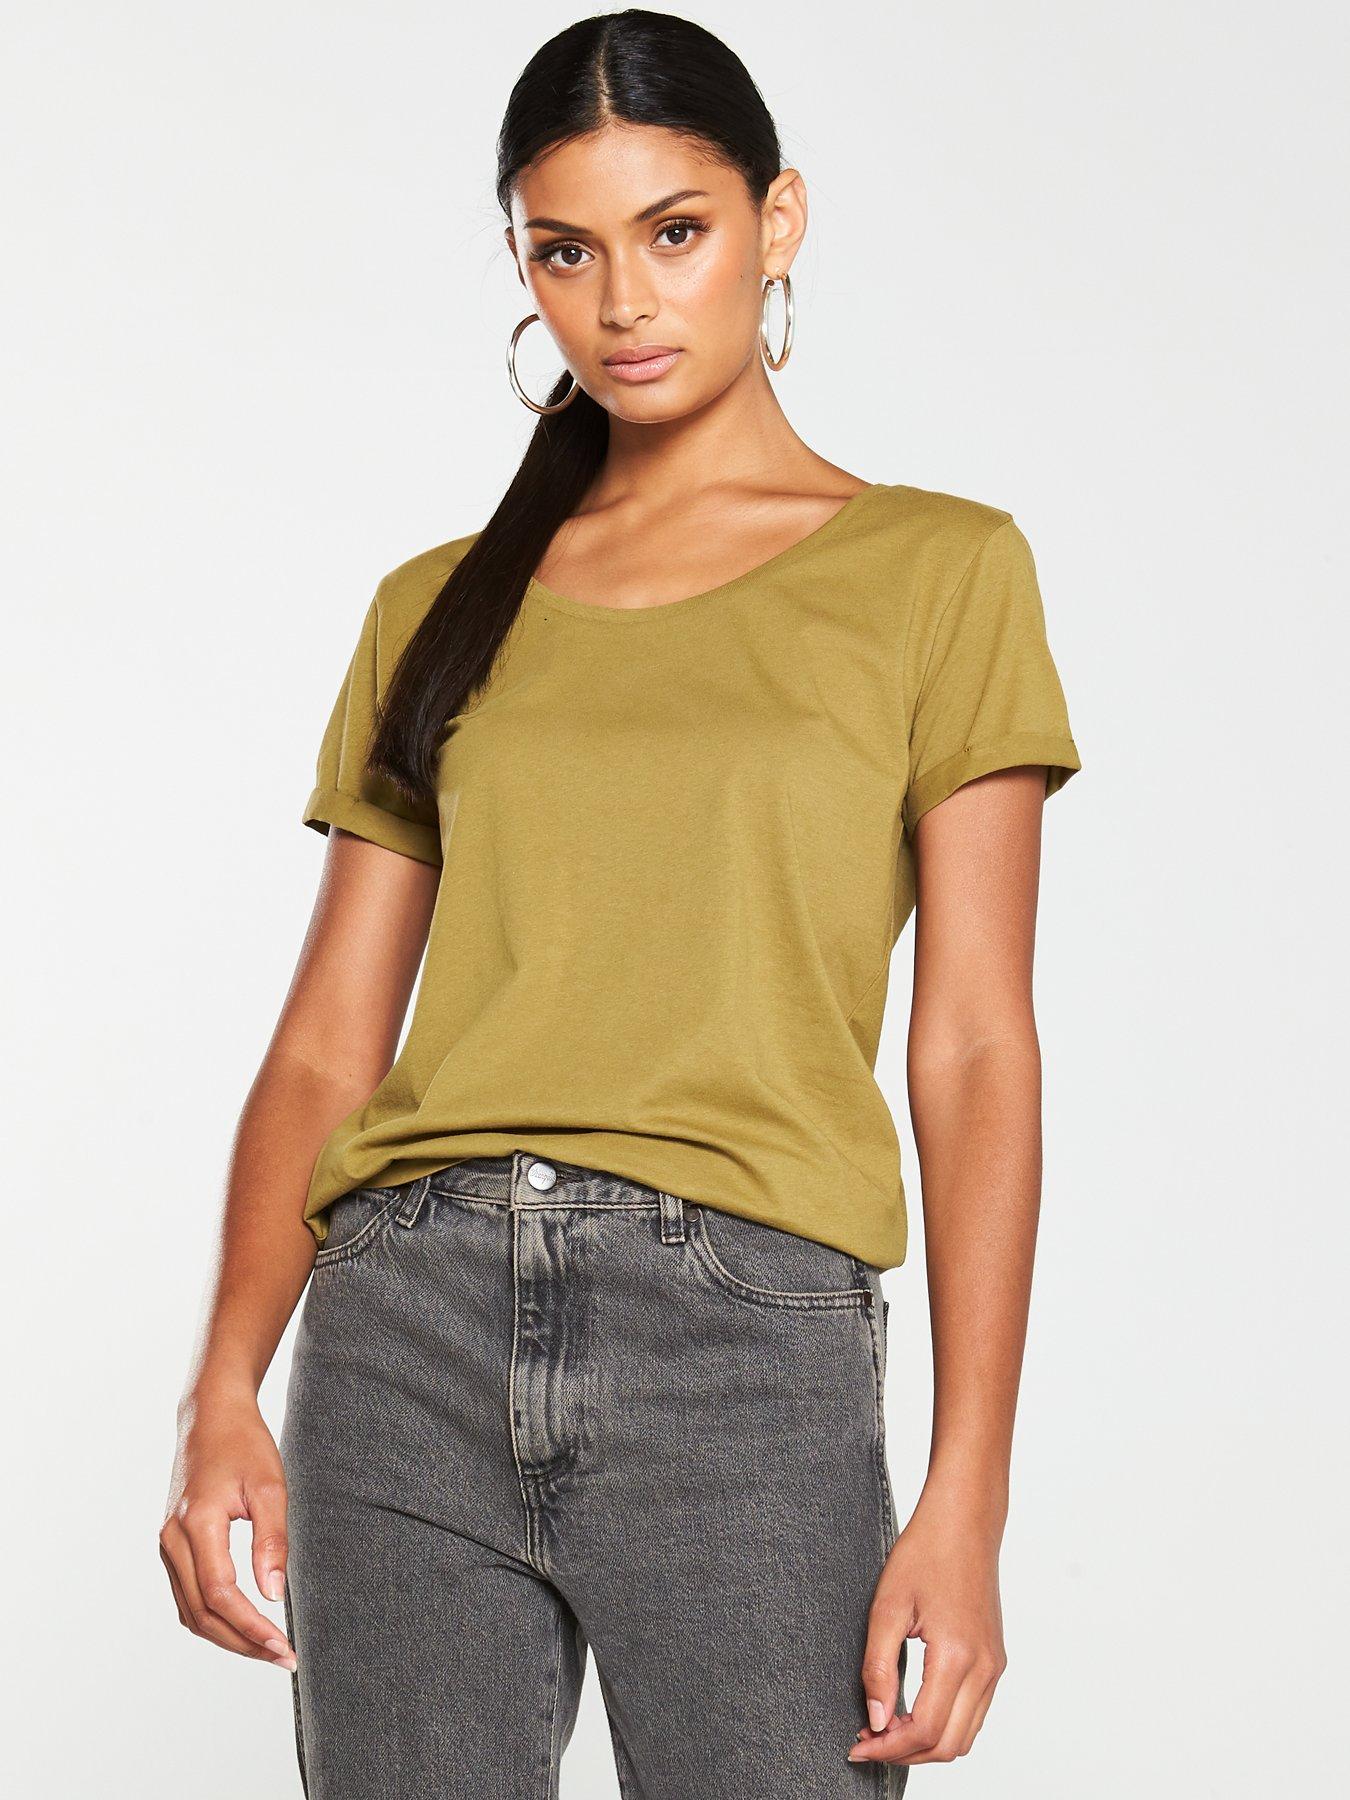 Green | Tops & t shirts | Women | very.co.uk